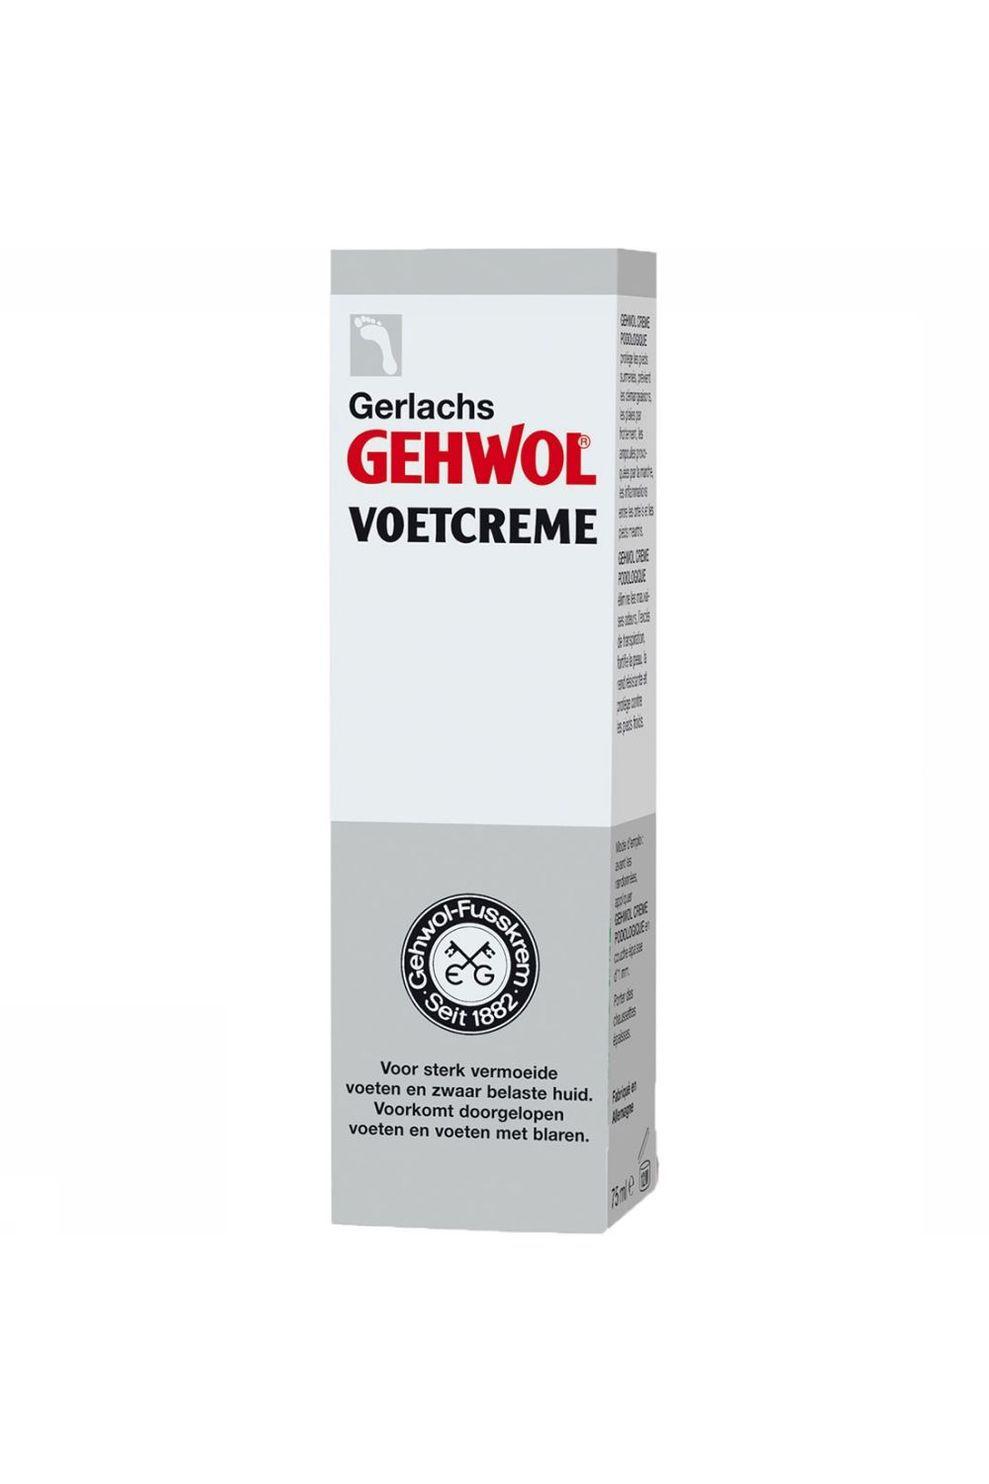 Gehwol Voetcrème 75g –